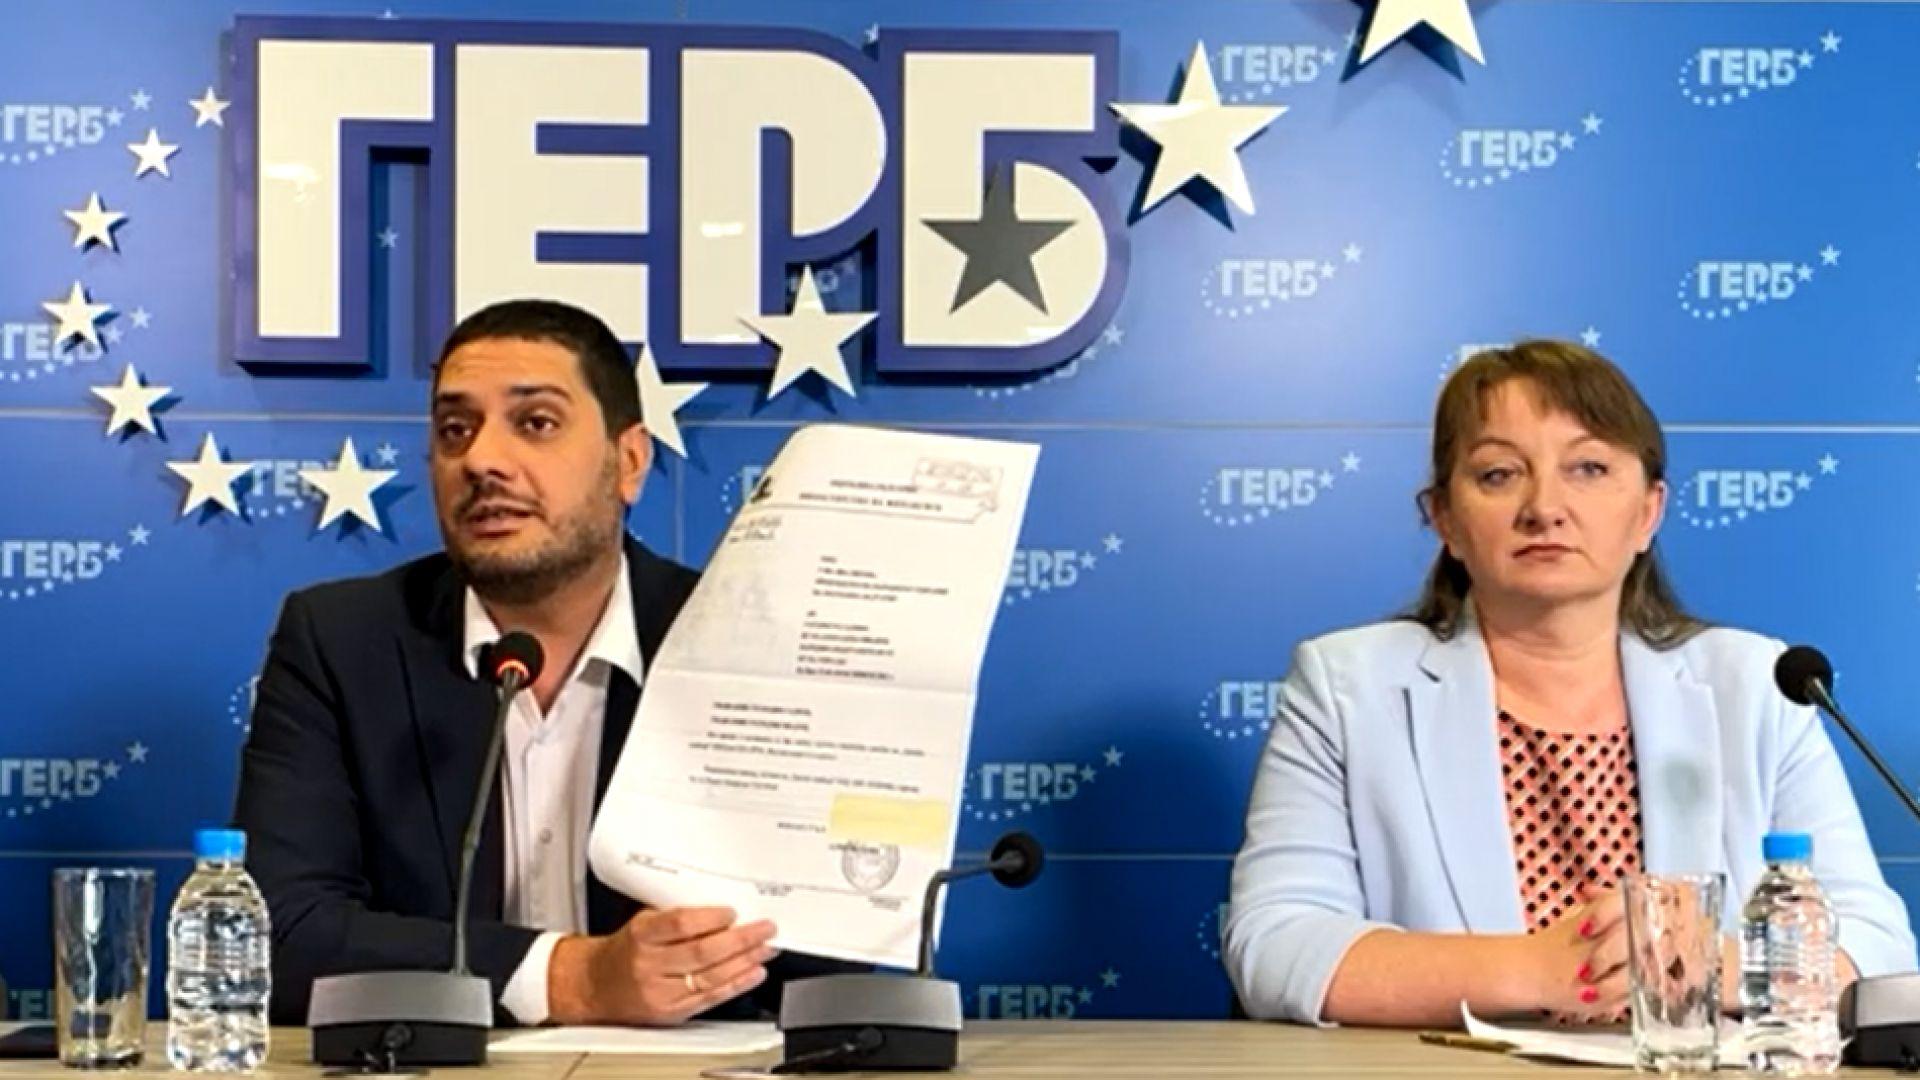 ГЕРБ: Шефът на НАП е извършил данъчна измама, Радев незабавно да го отстрани (видео)